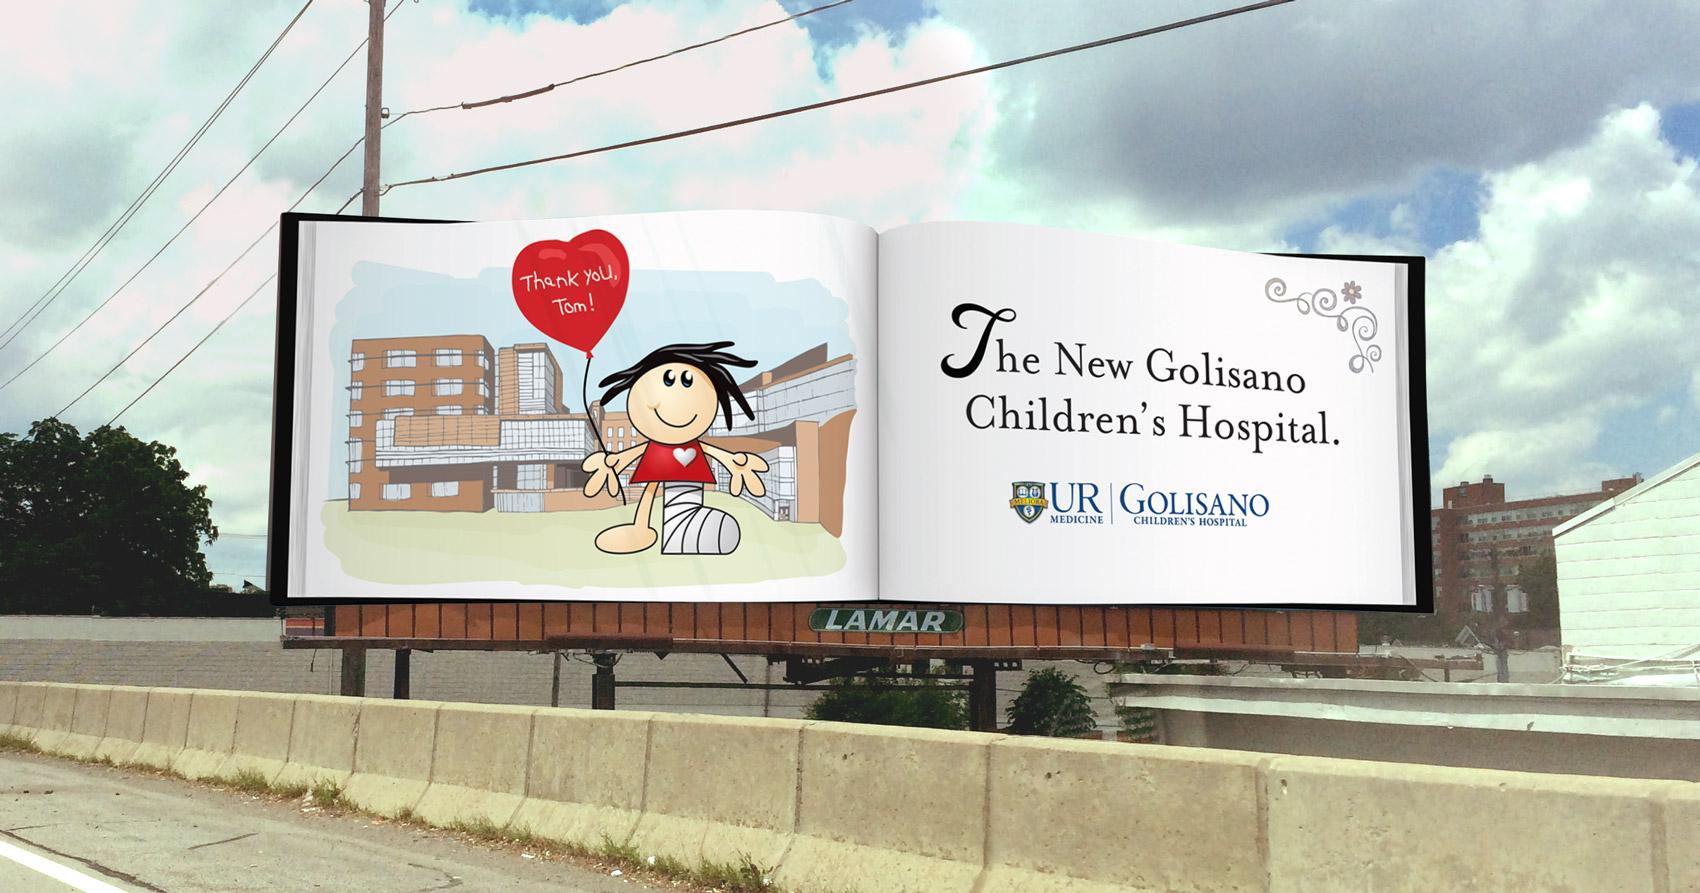 gch_6_billboard5